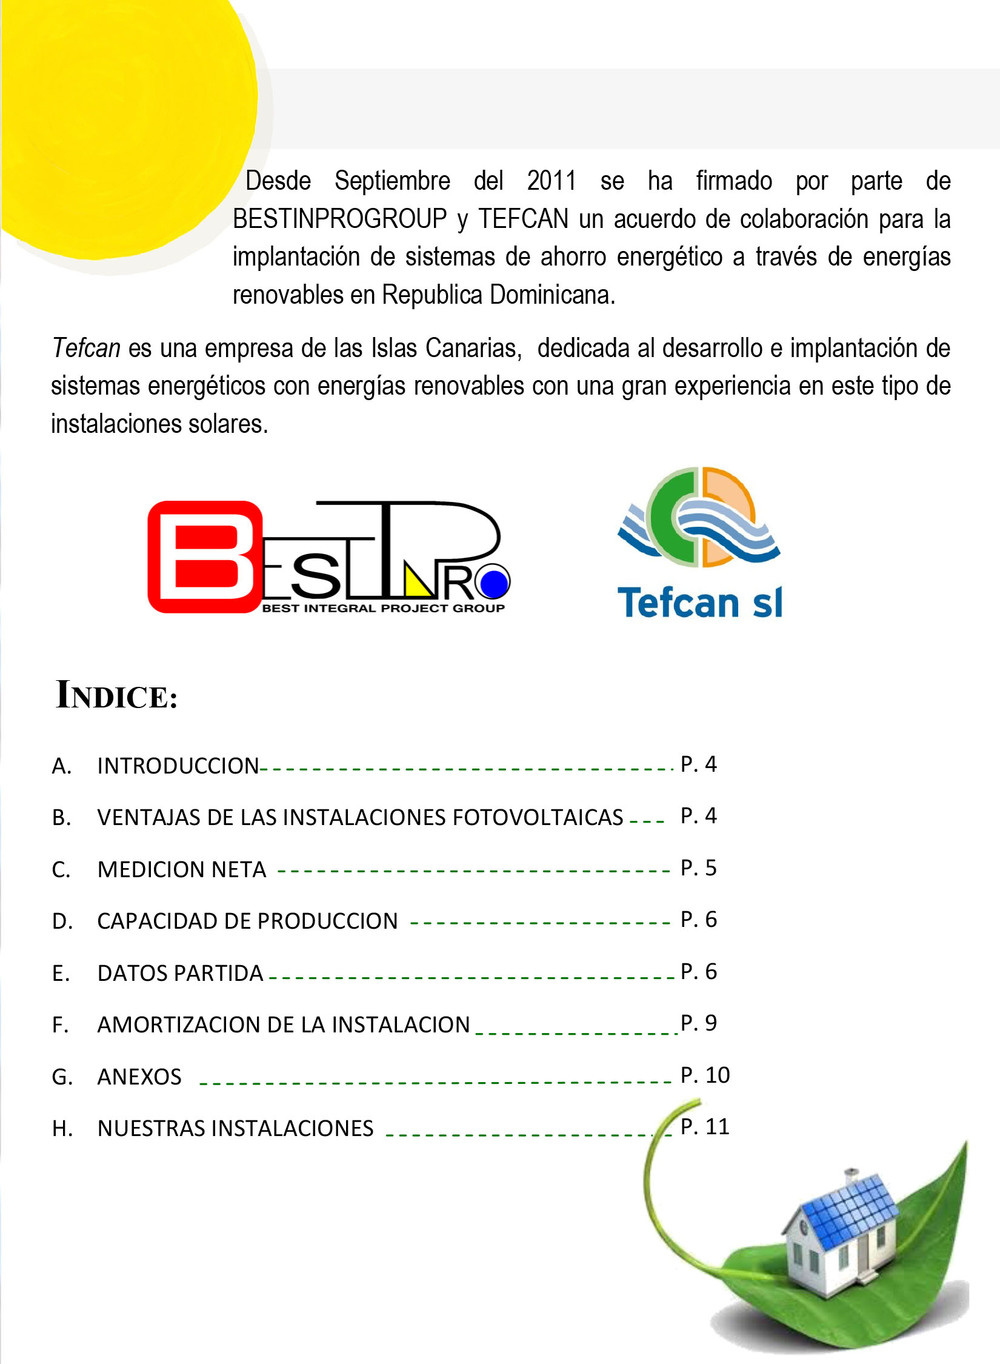 folleto 12-09-13-3.jpg